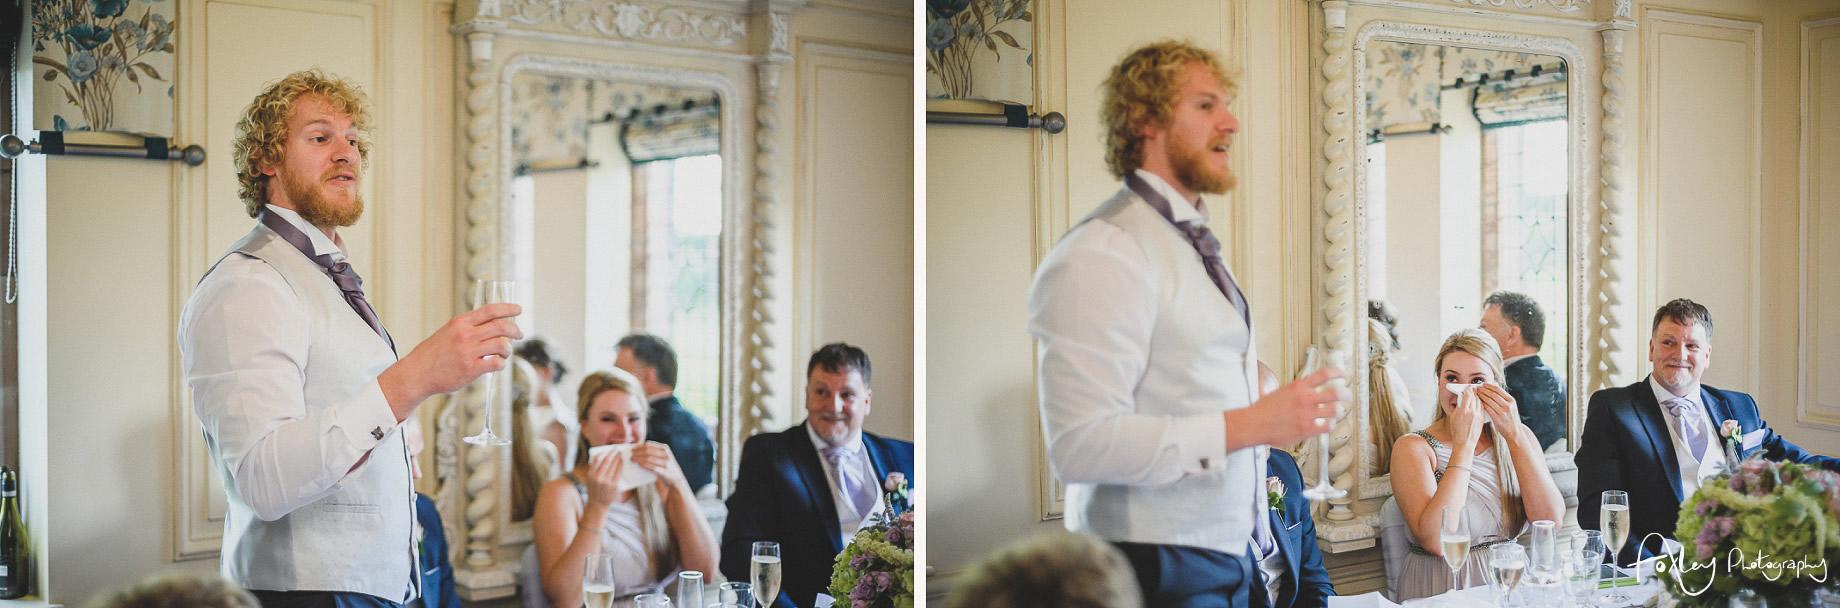 Simona-and-Robert-Wedding-at-Colshaw-Hall-123